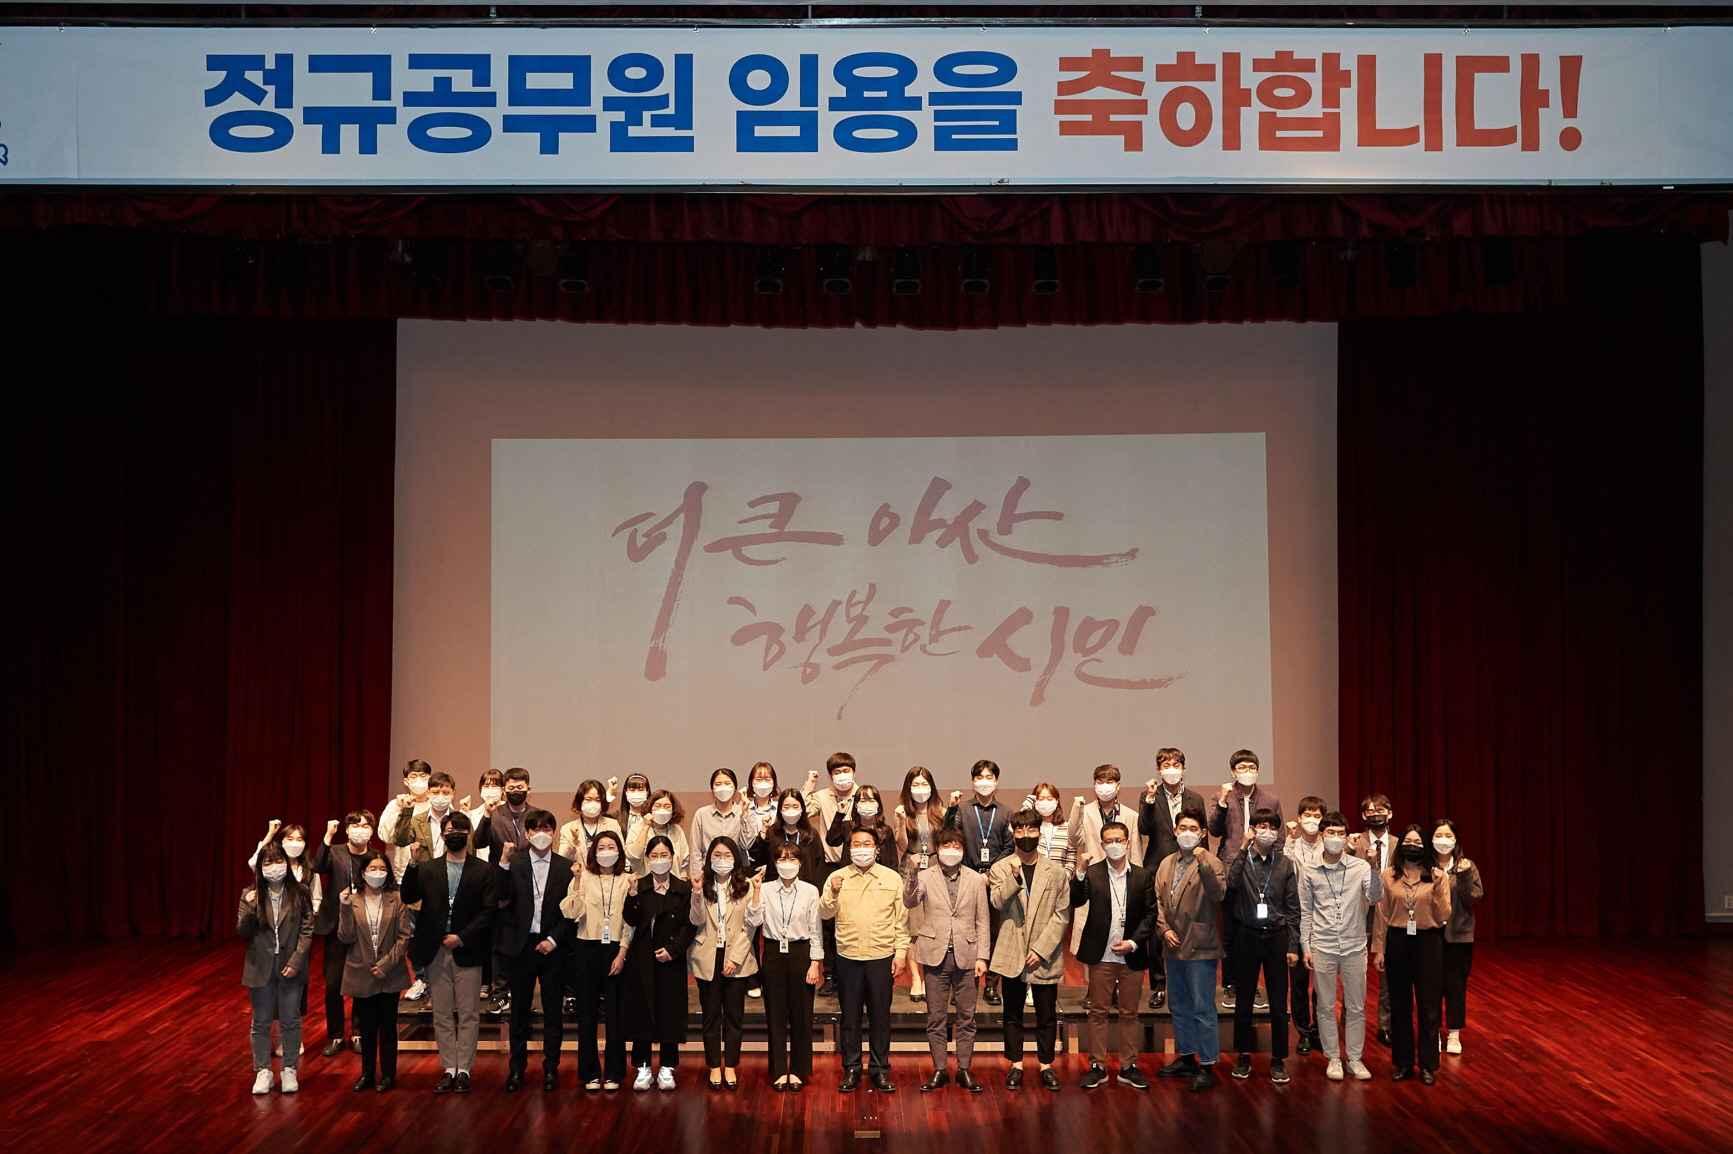 아산시, 정규공무원 임용 축하‧격려 행사 개최 관련사진